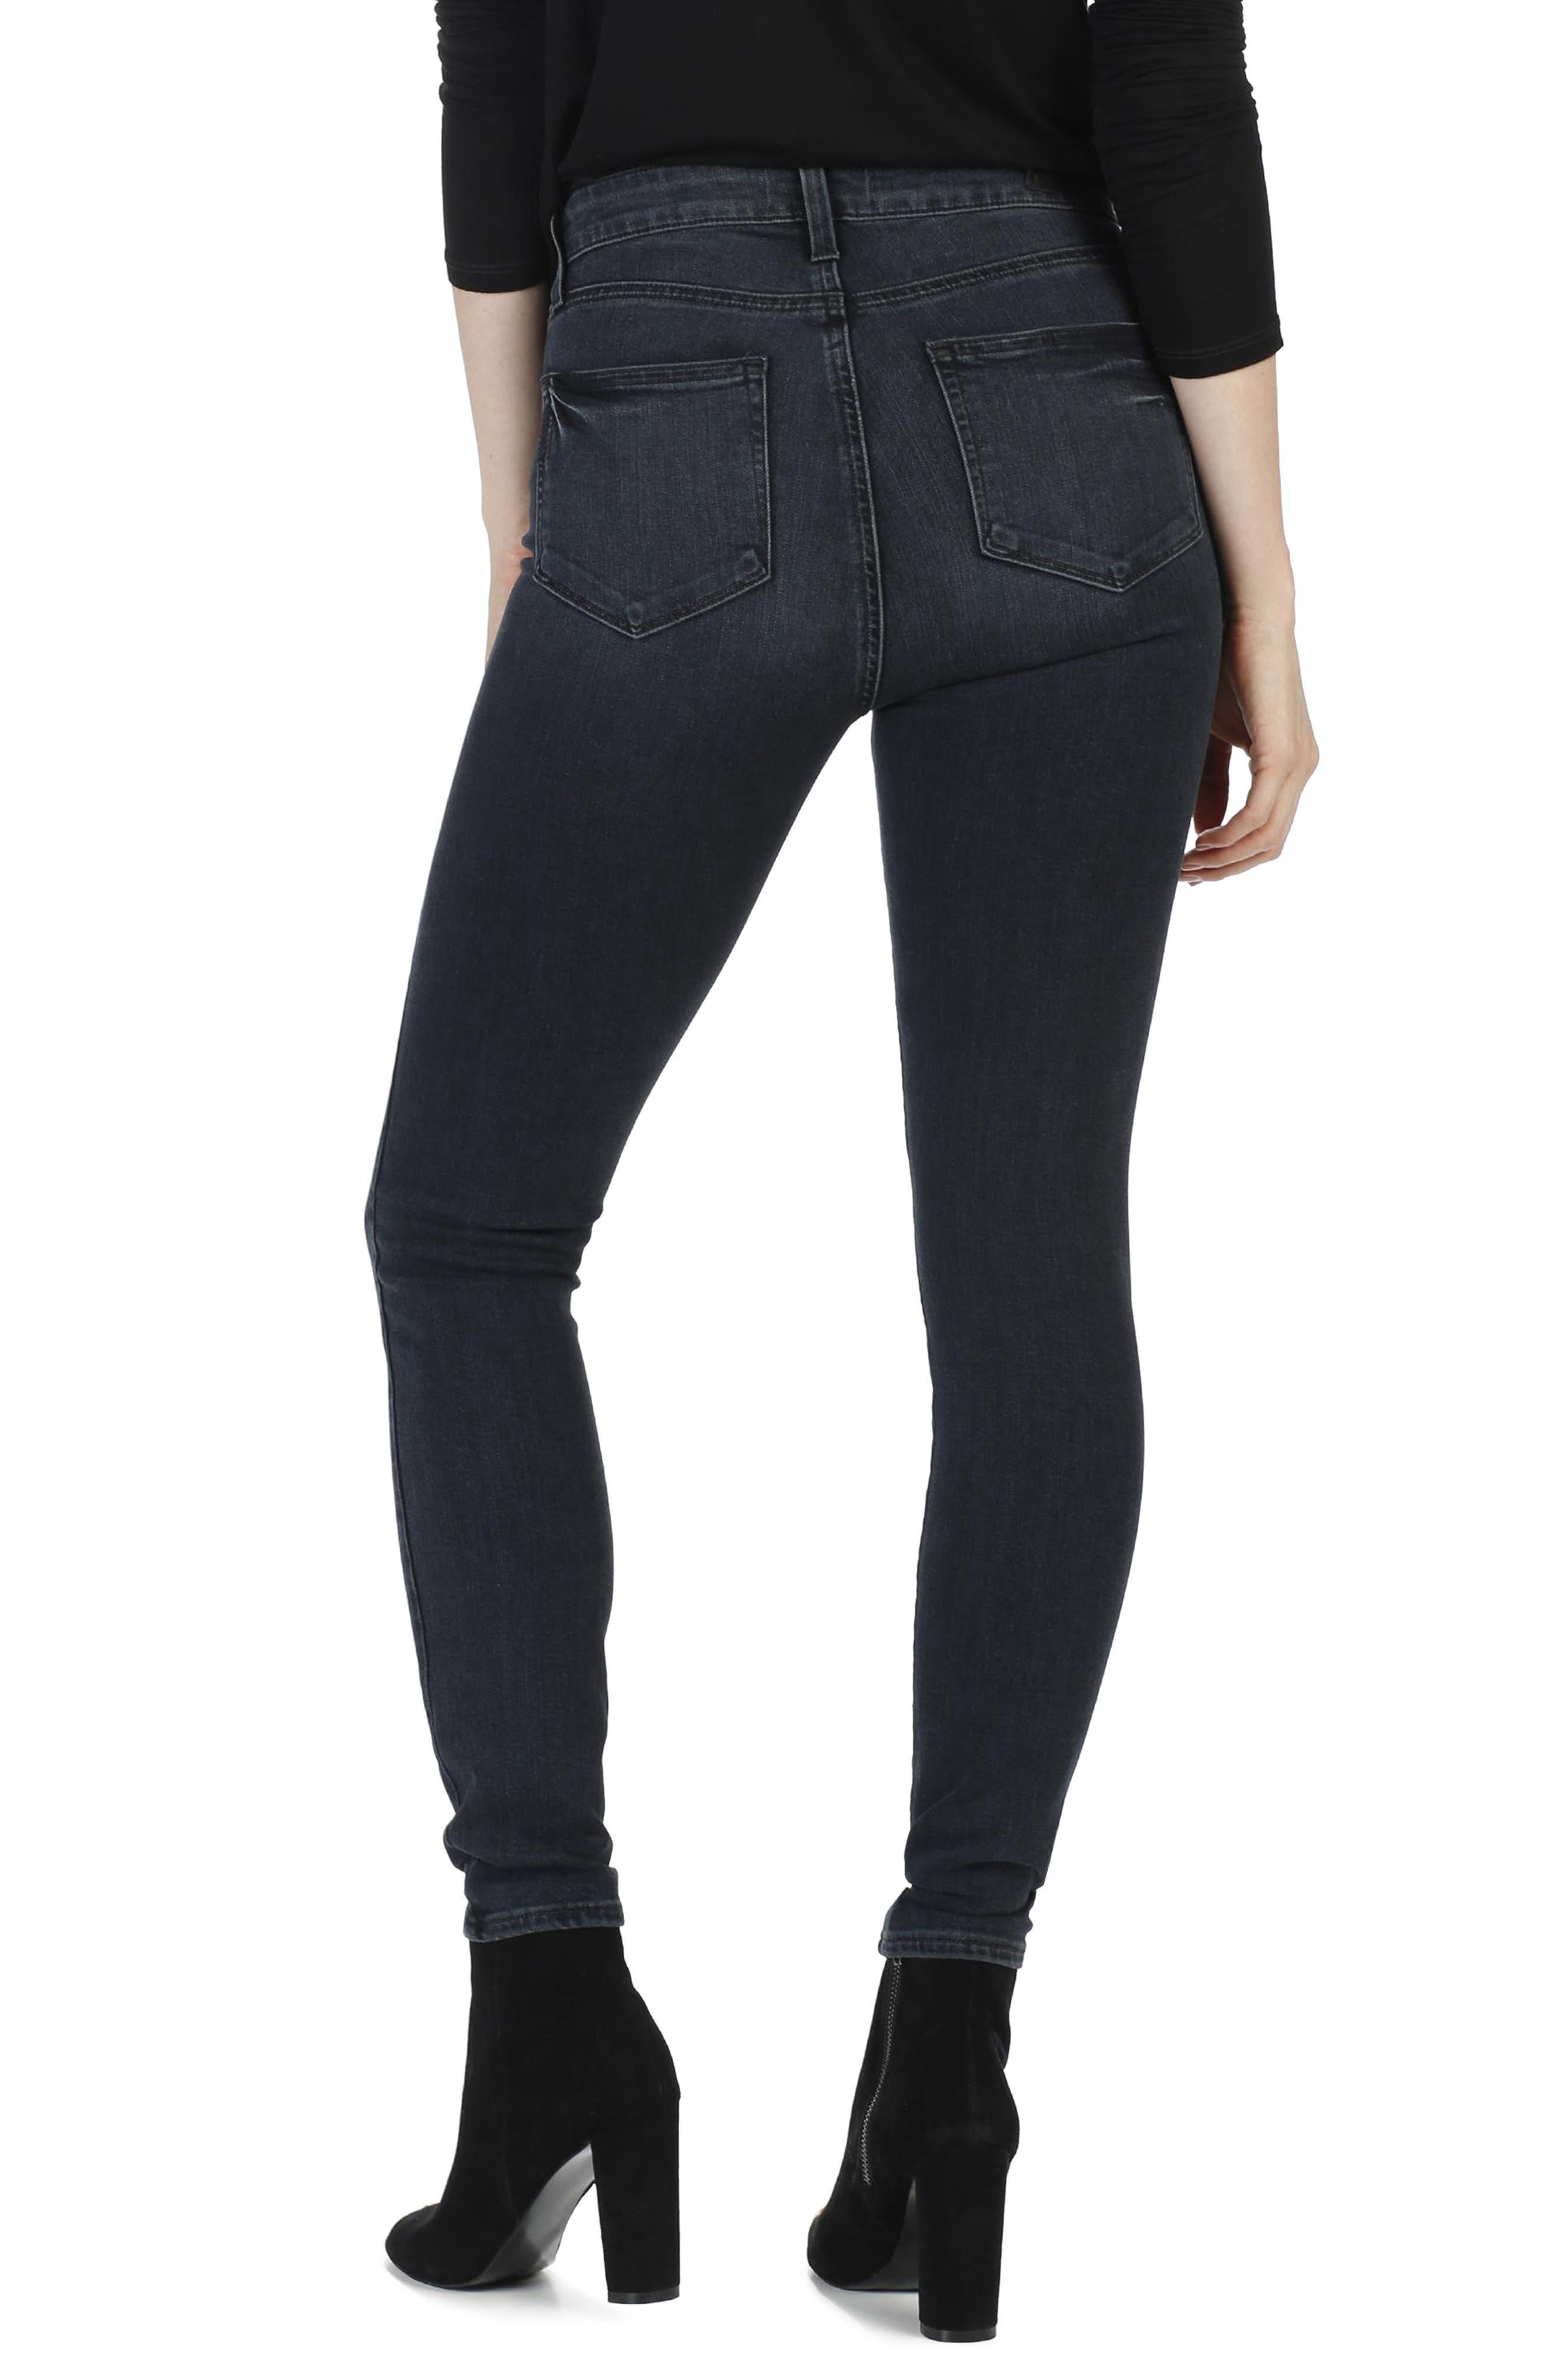 Transcend - Margot Ultra Skinny Jeans,                             Alternate thumbnail 3, color,                             400